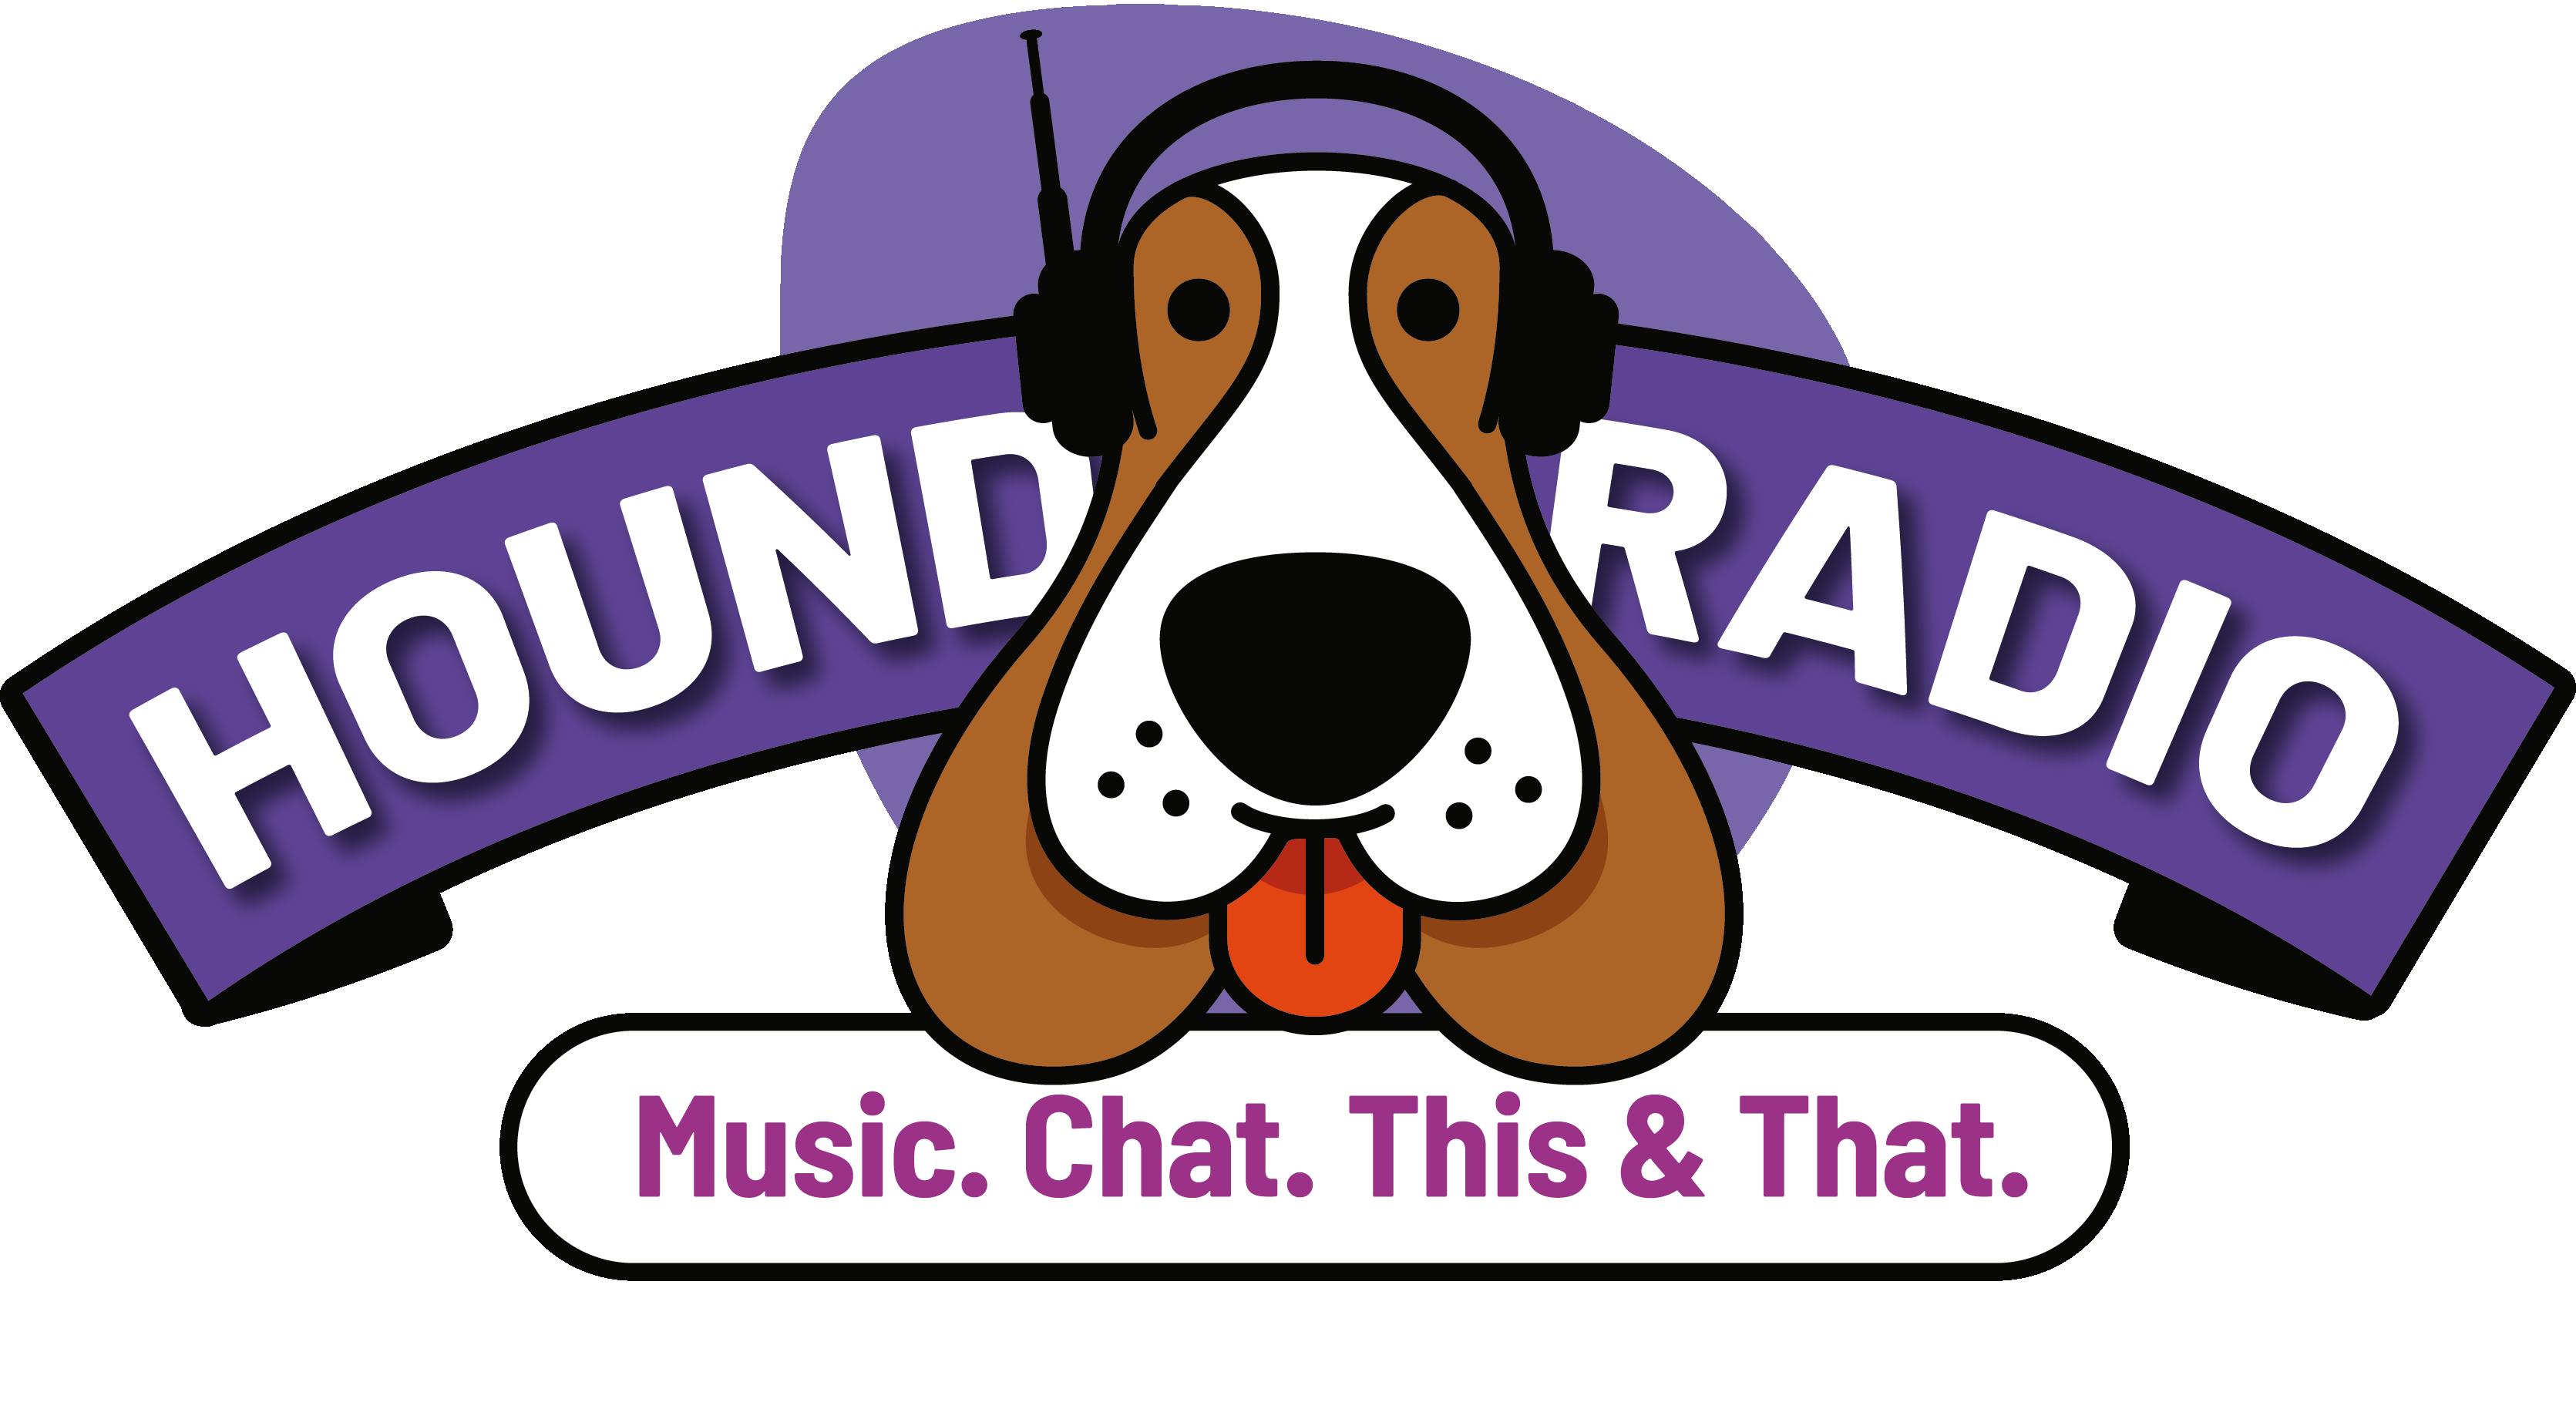 Hound Radio Logo